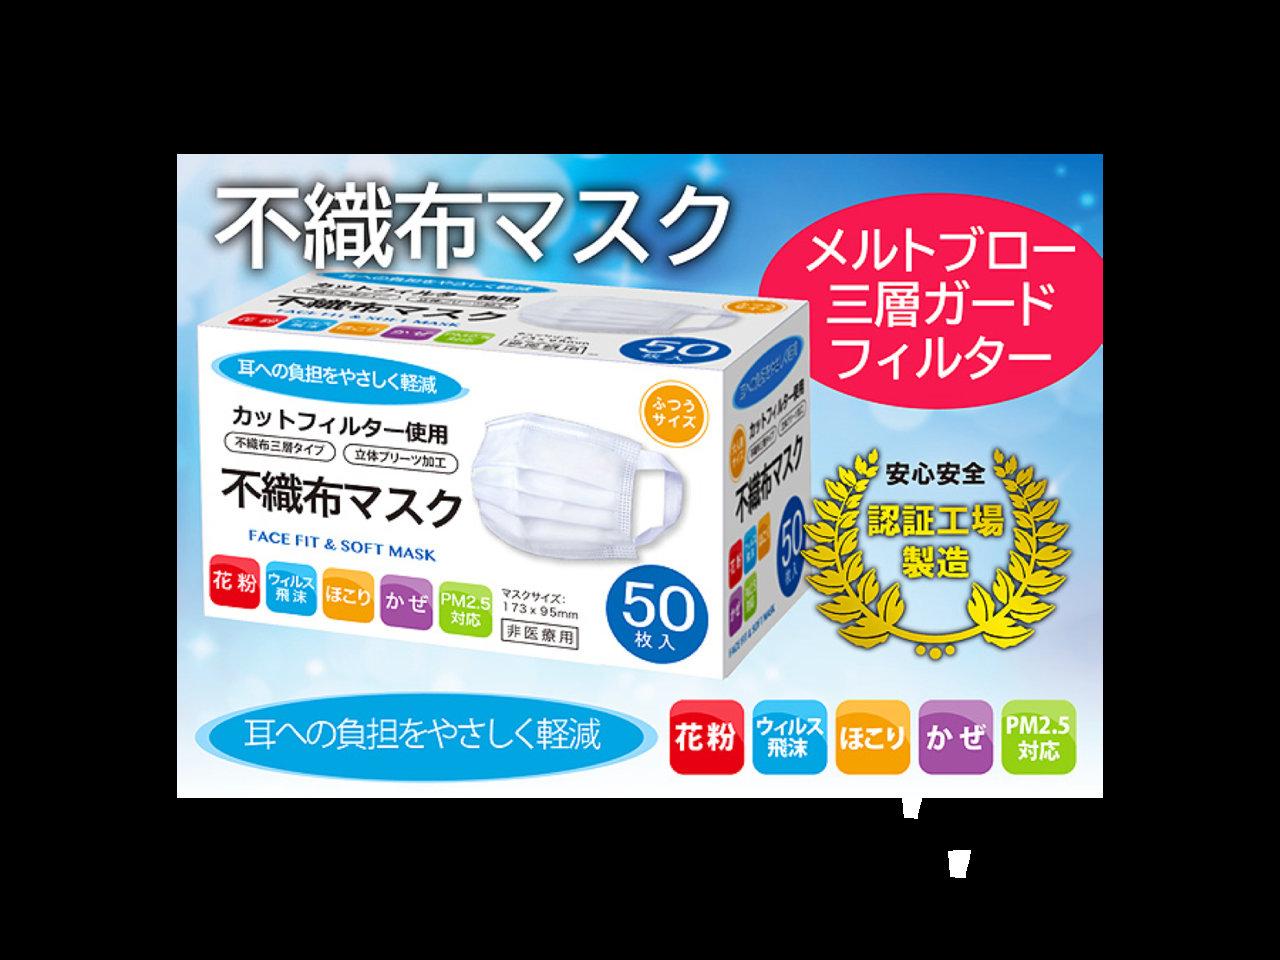 不織布マスク/50枚あたり1800円(税別)、25万枚限定追加販売開始しました。